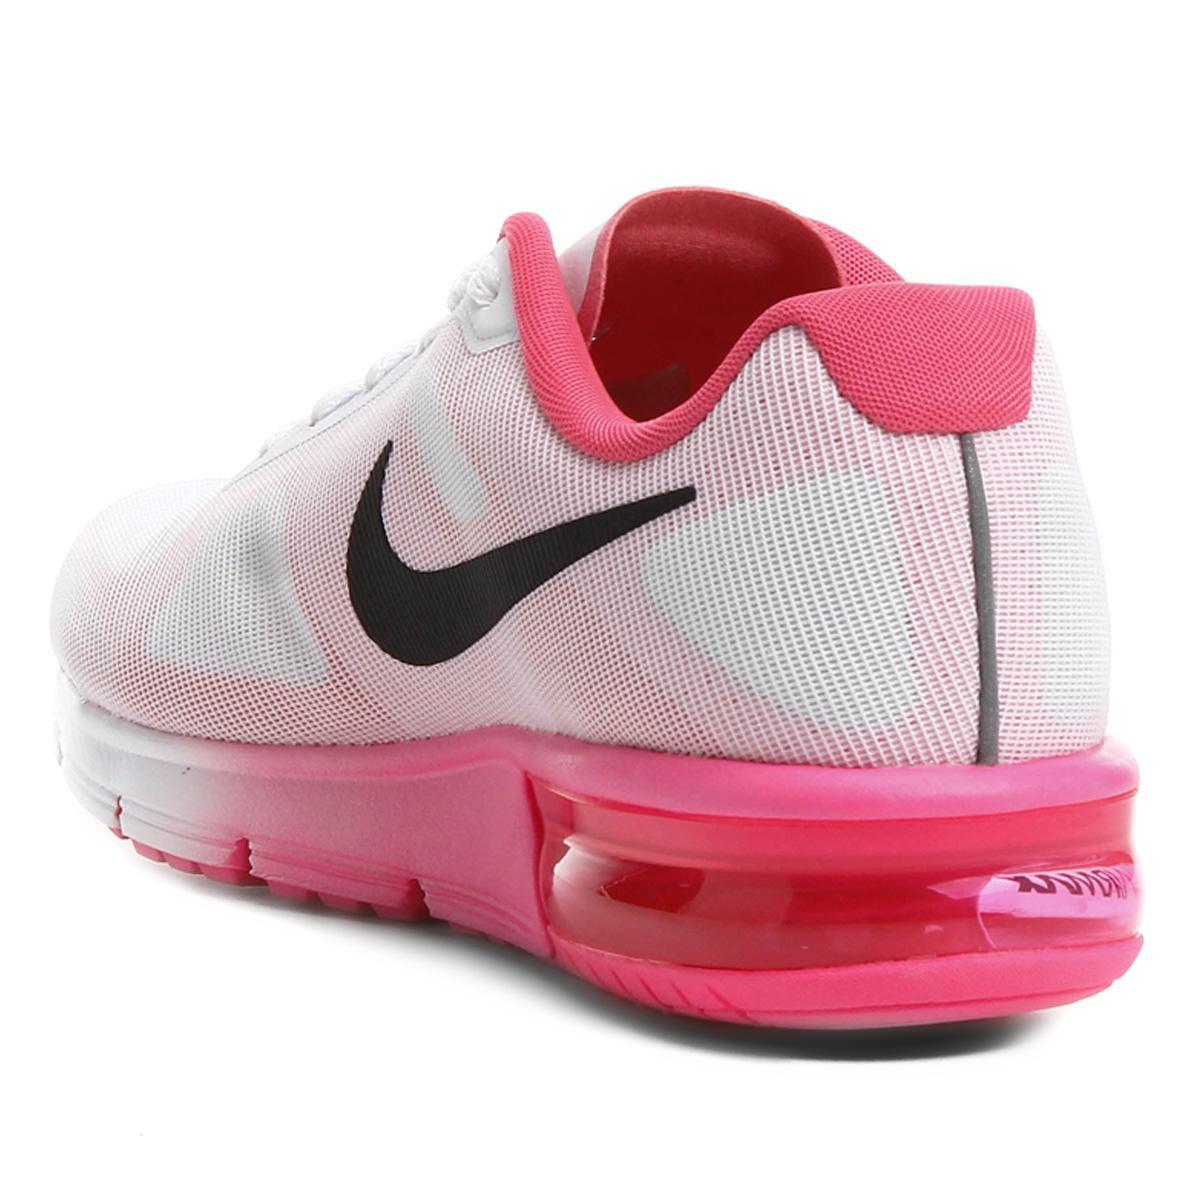 ad707afaad Tênis Nike Air Max Sequent Feminino - Compre Agora